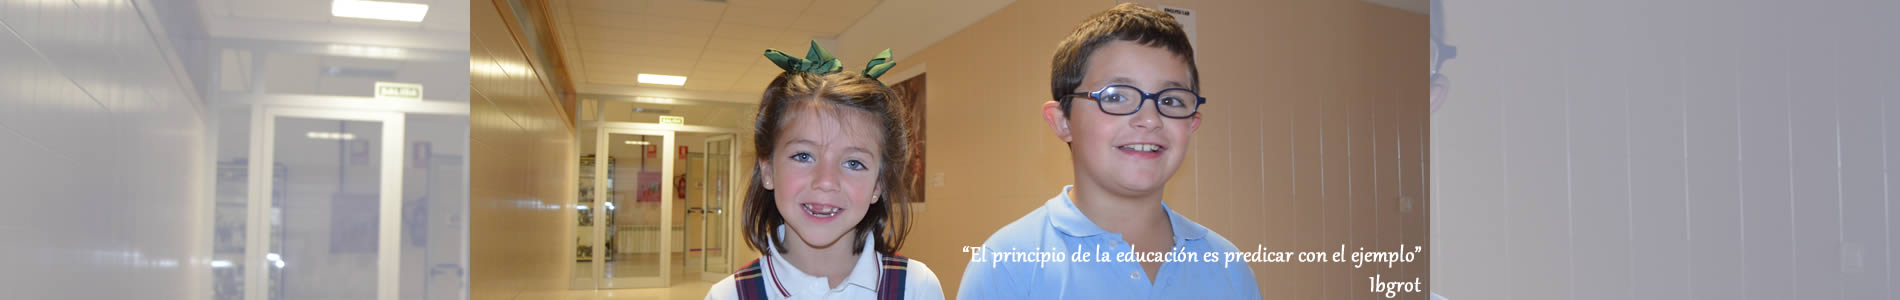 COLEGIO MAYOL - COLEGIO INTERNADO - EDUCACIÓN INFANTIL GUARDERIA IV